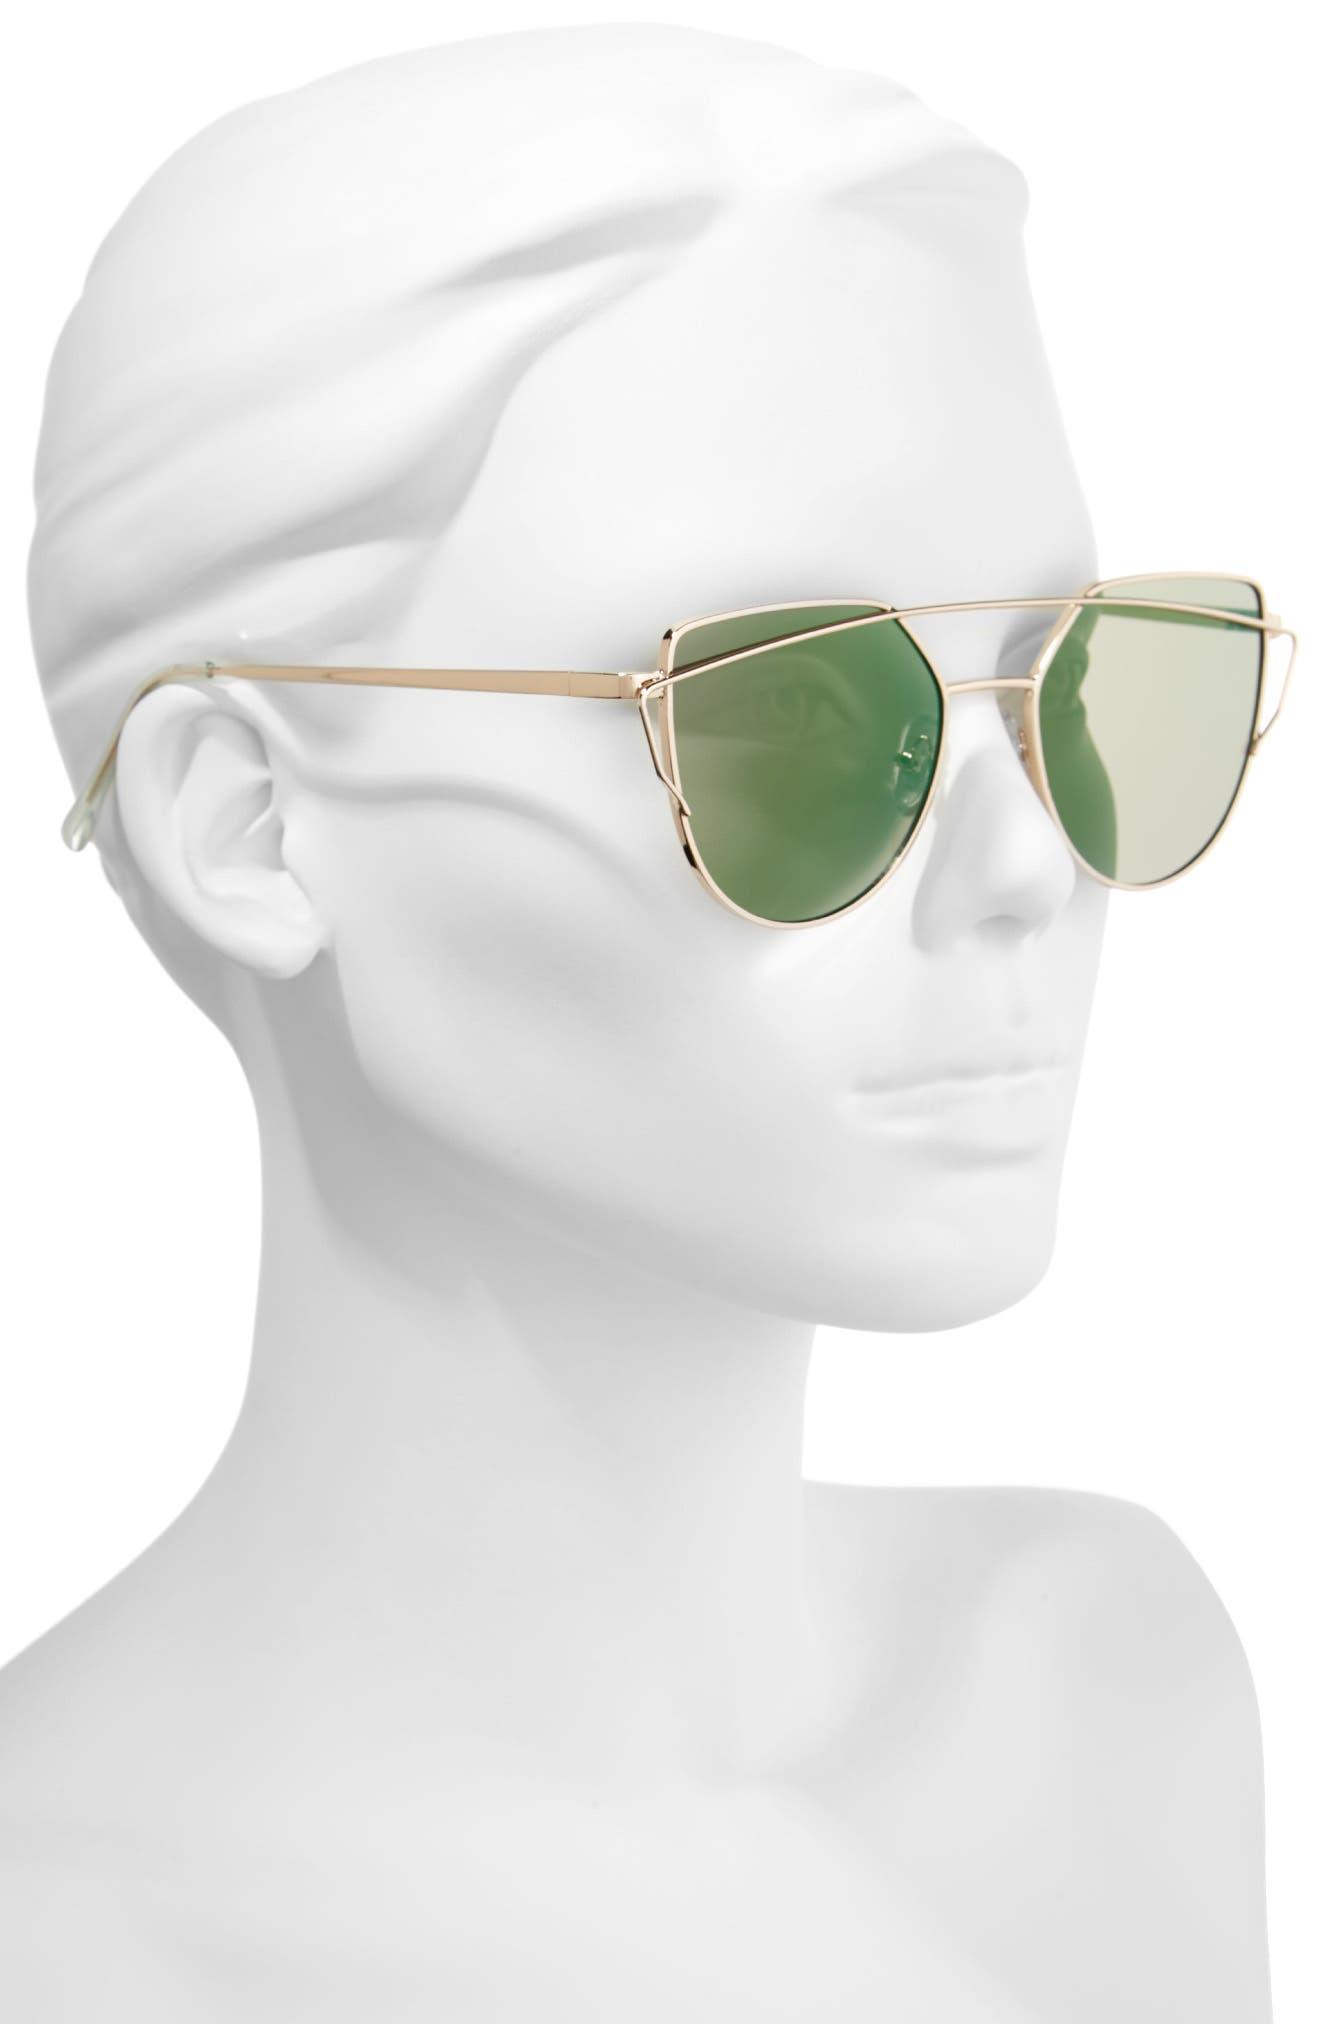 Alternate Image 2  - BP. 51mm Thin Brow Angular Aviator Sunglasses